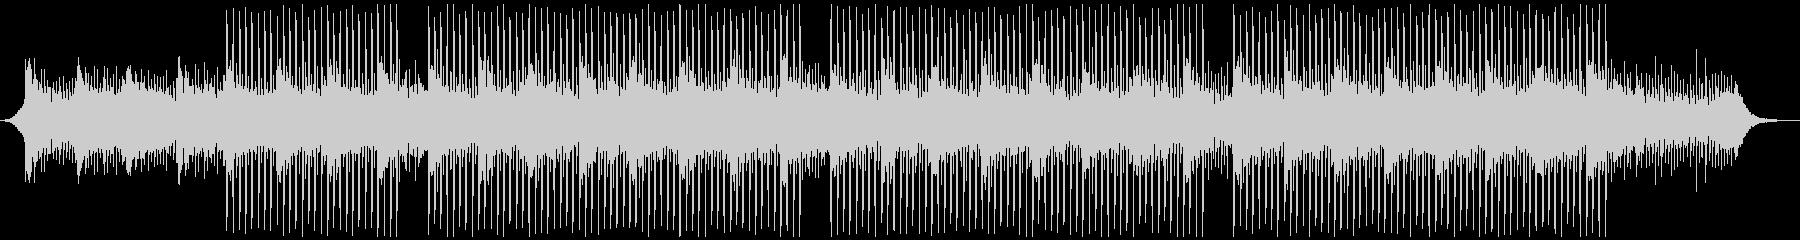 プレゼンテーション音楽の未再生の波形